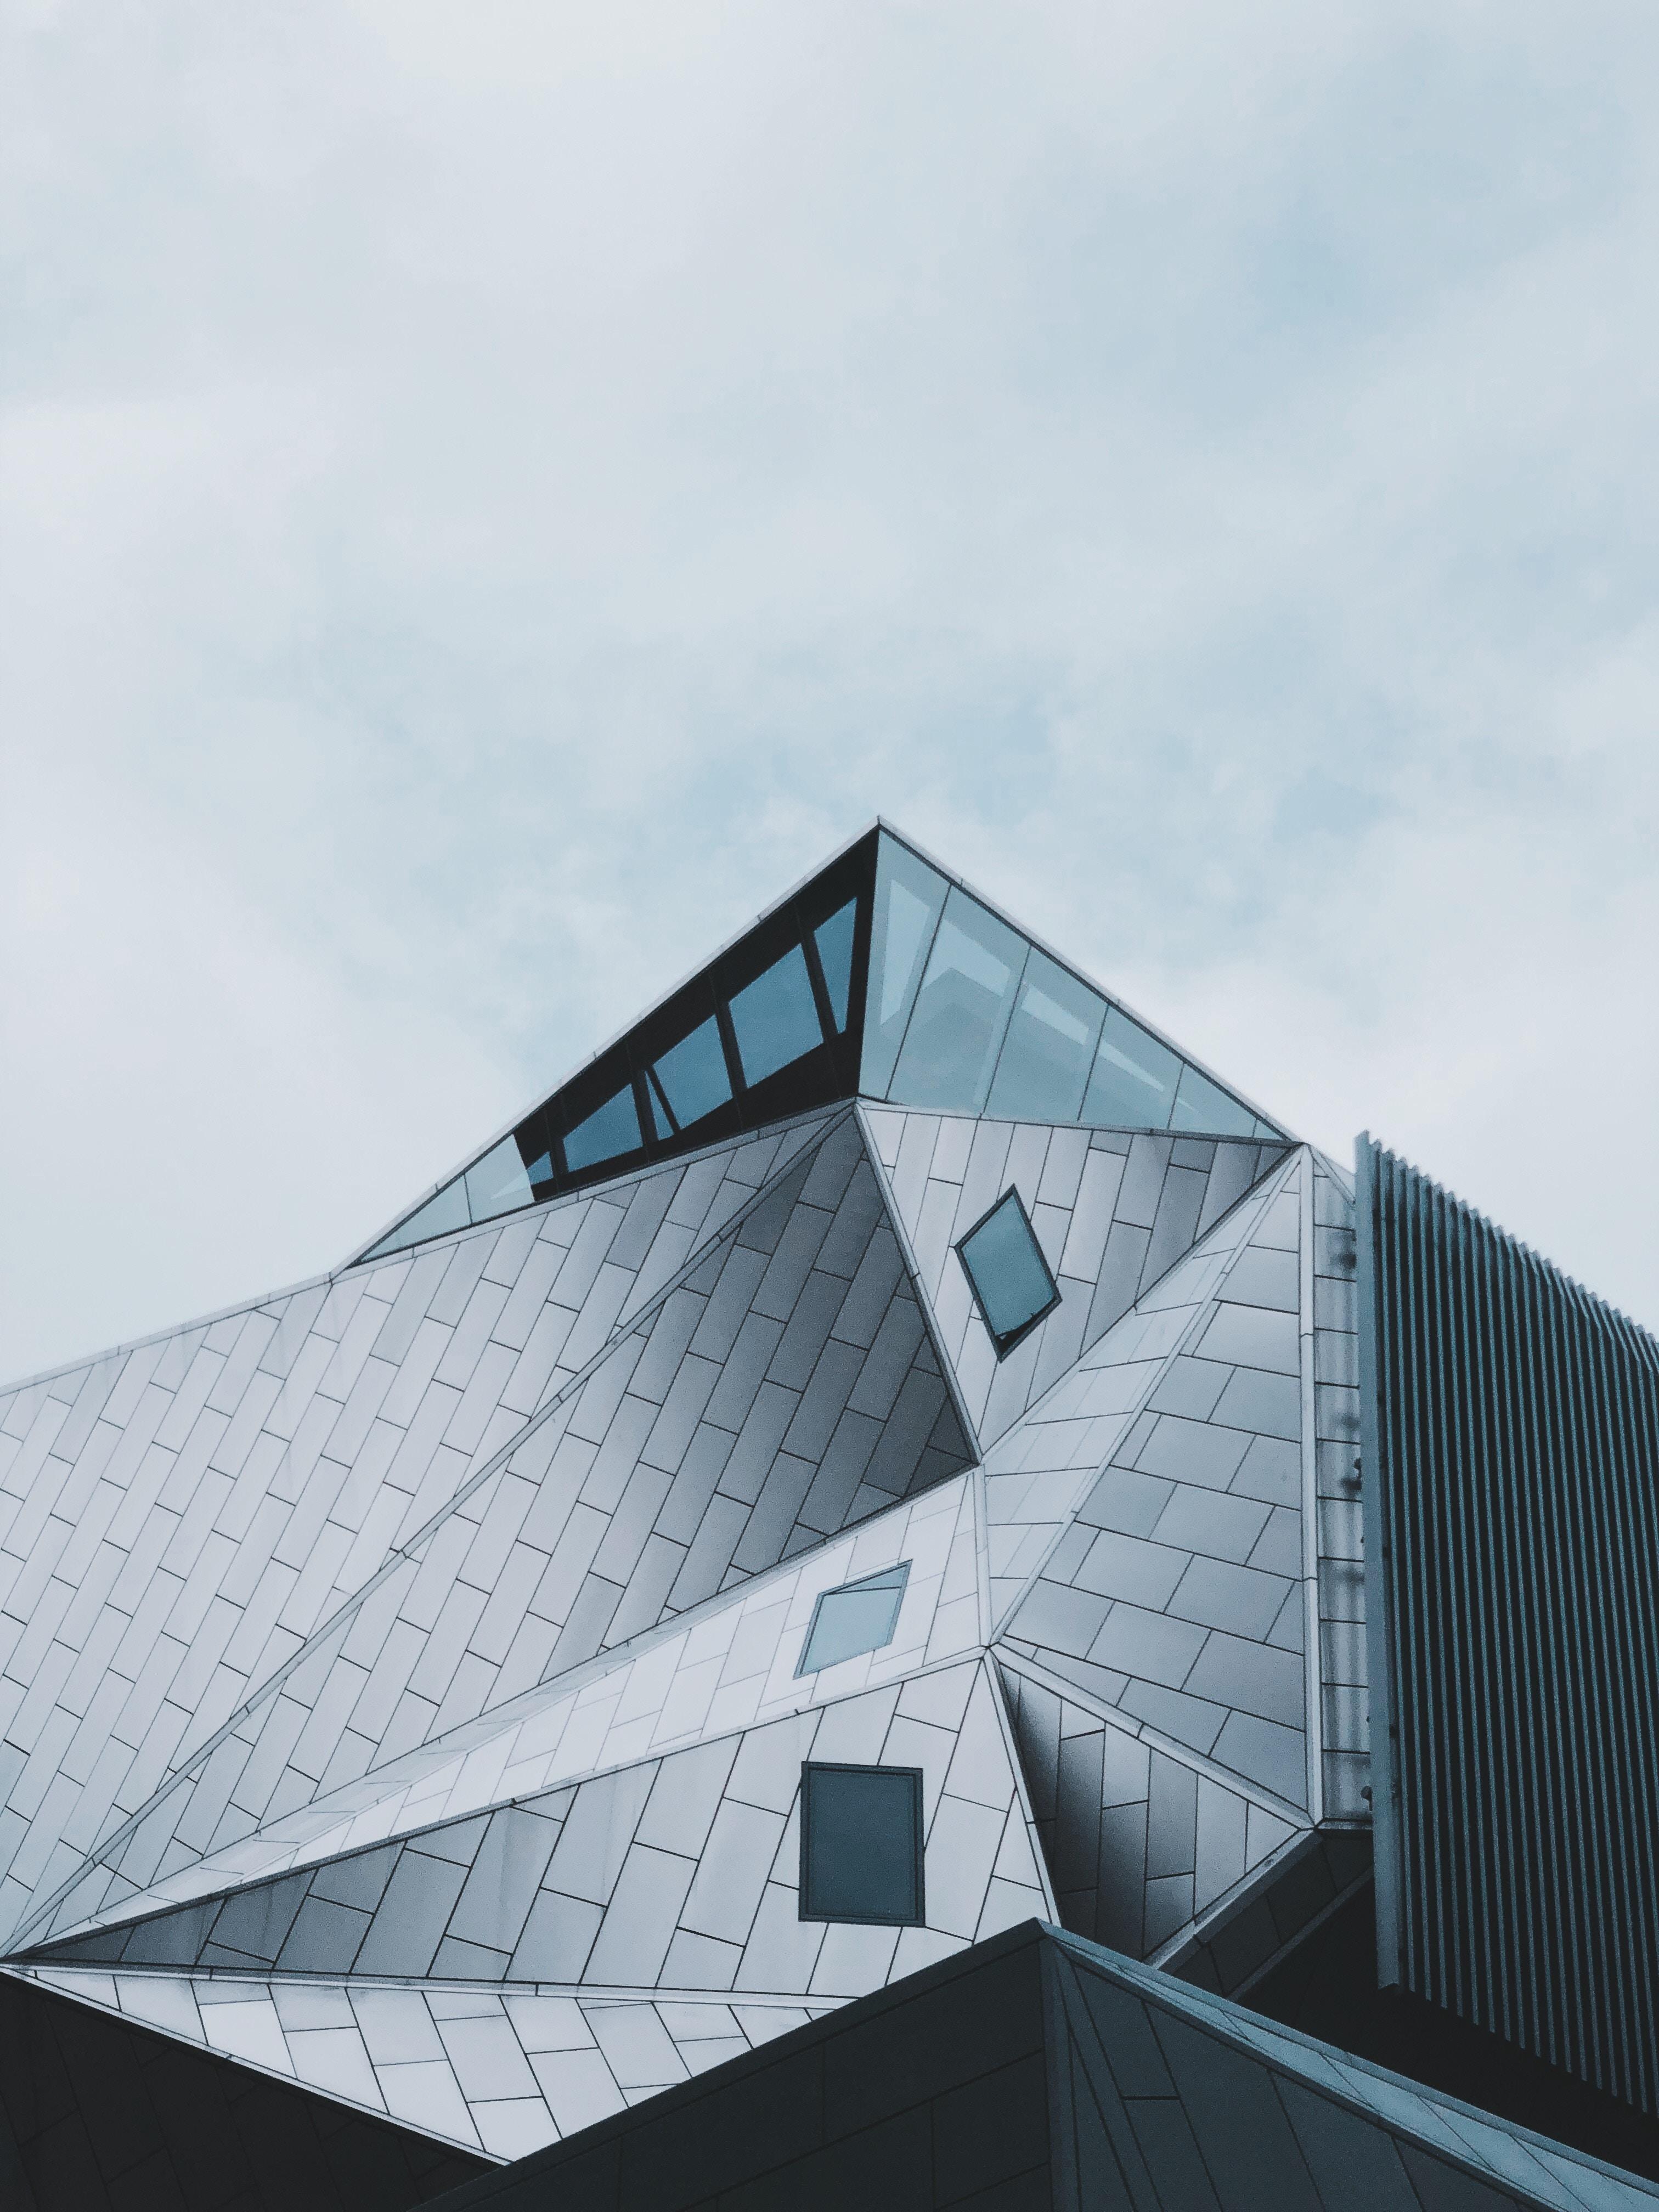 73538 скачать обои Минимализм, Здание, Модернизм, Геометрический, Городской, Тайбэй, Тайвань, Архитектура - заставки и картинки бесплатно